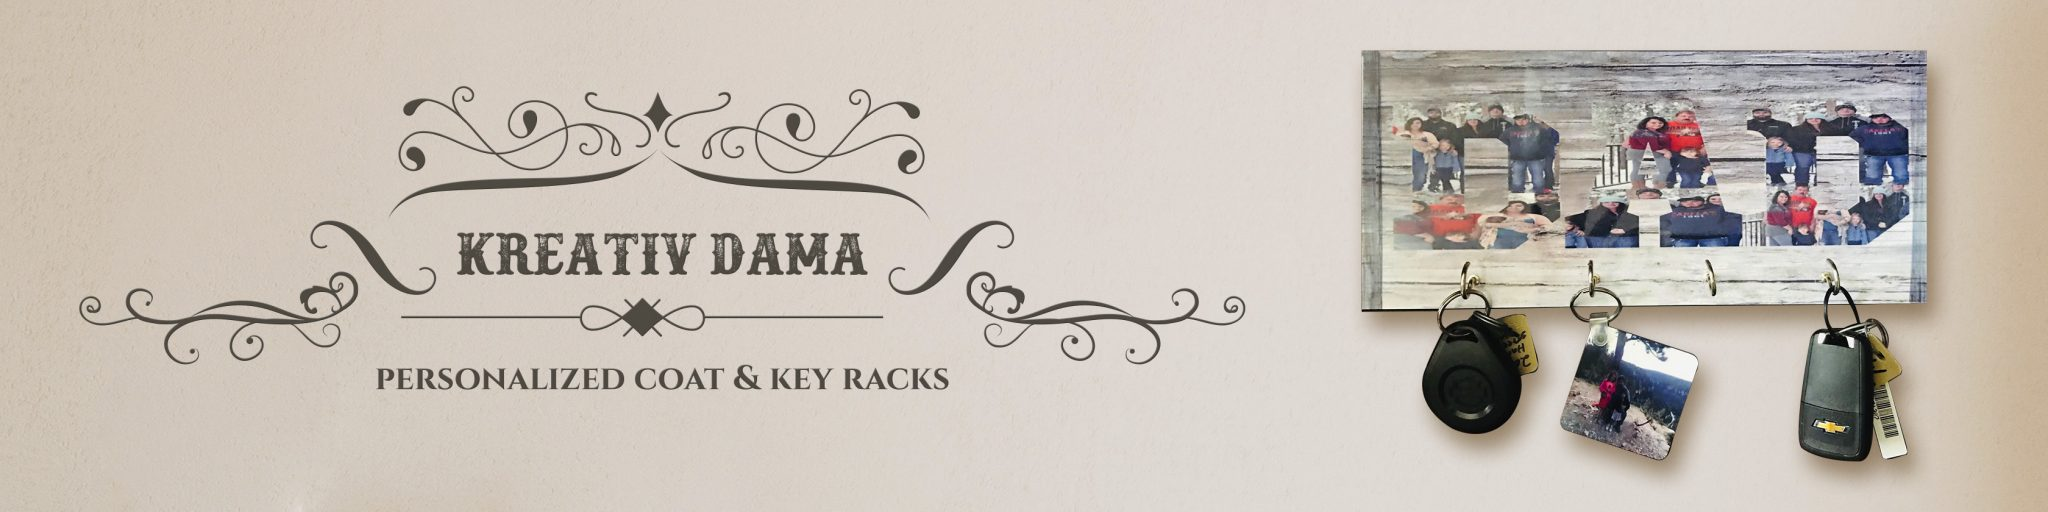 Kreativ Dama - Personalized coat and key racks